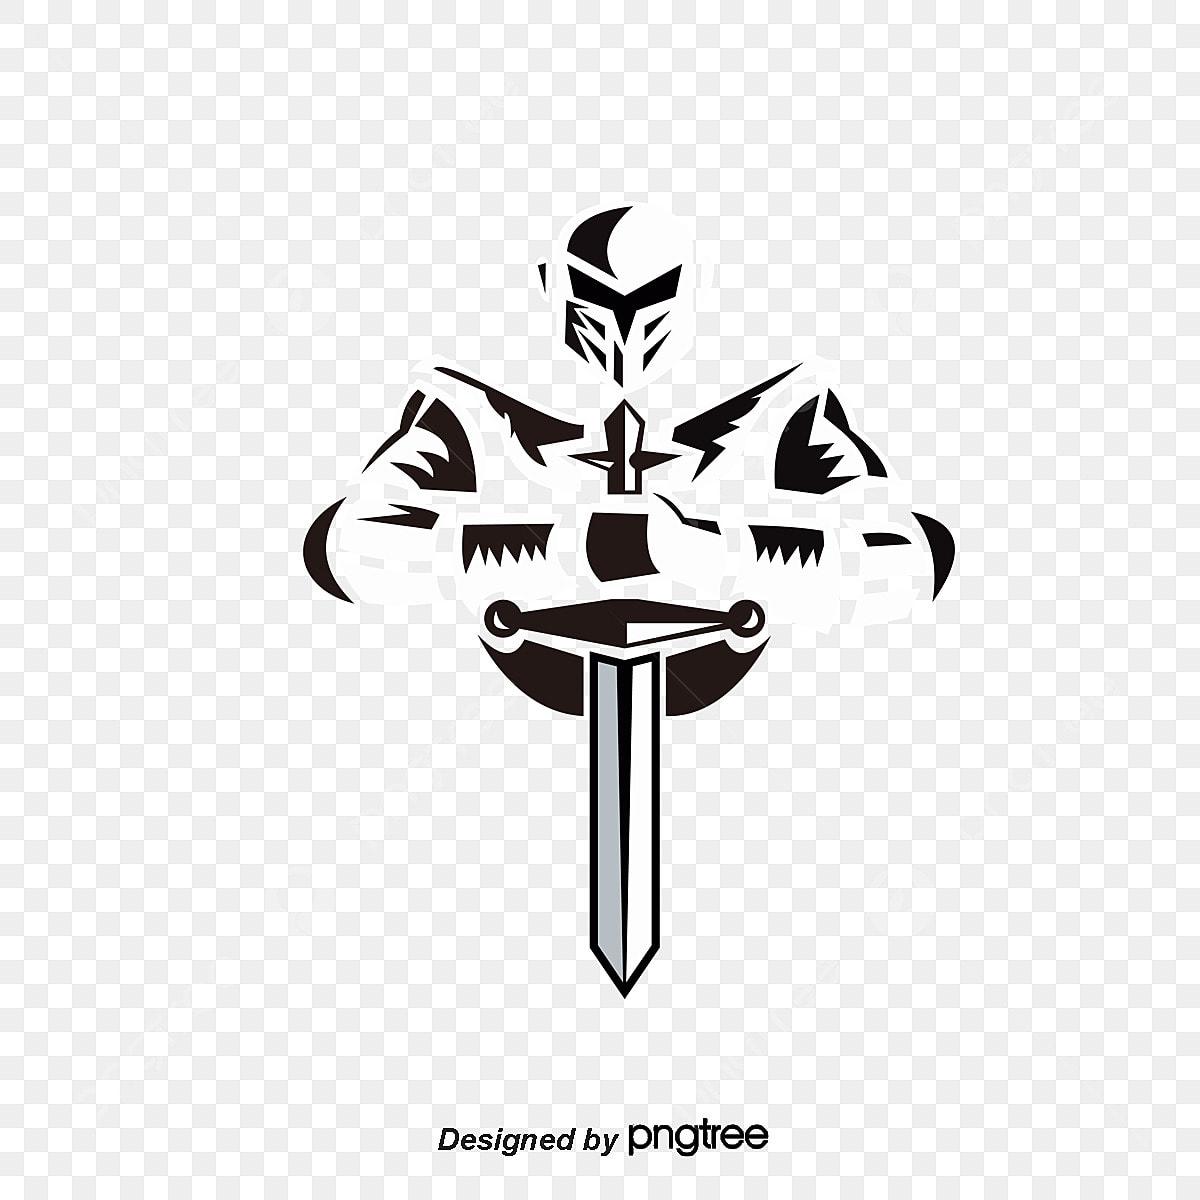 Samurai De Dibujos Animados Vector De Dibujos Animados Guerrero Dibujos Animados Png Y Vector Para Descargar Gratis Pngtree